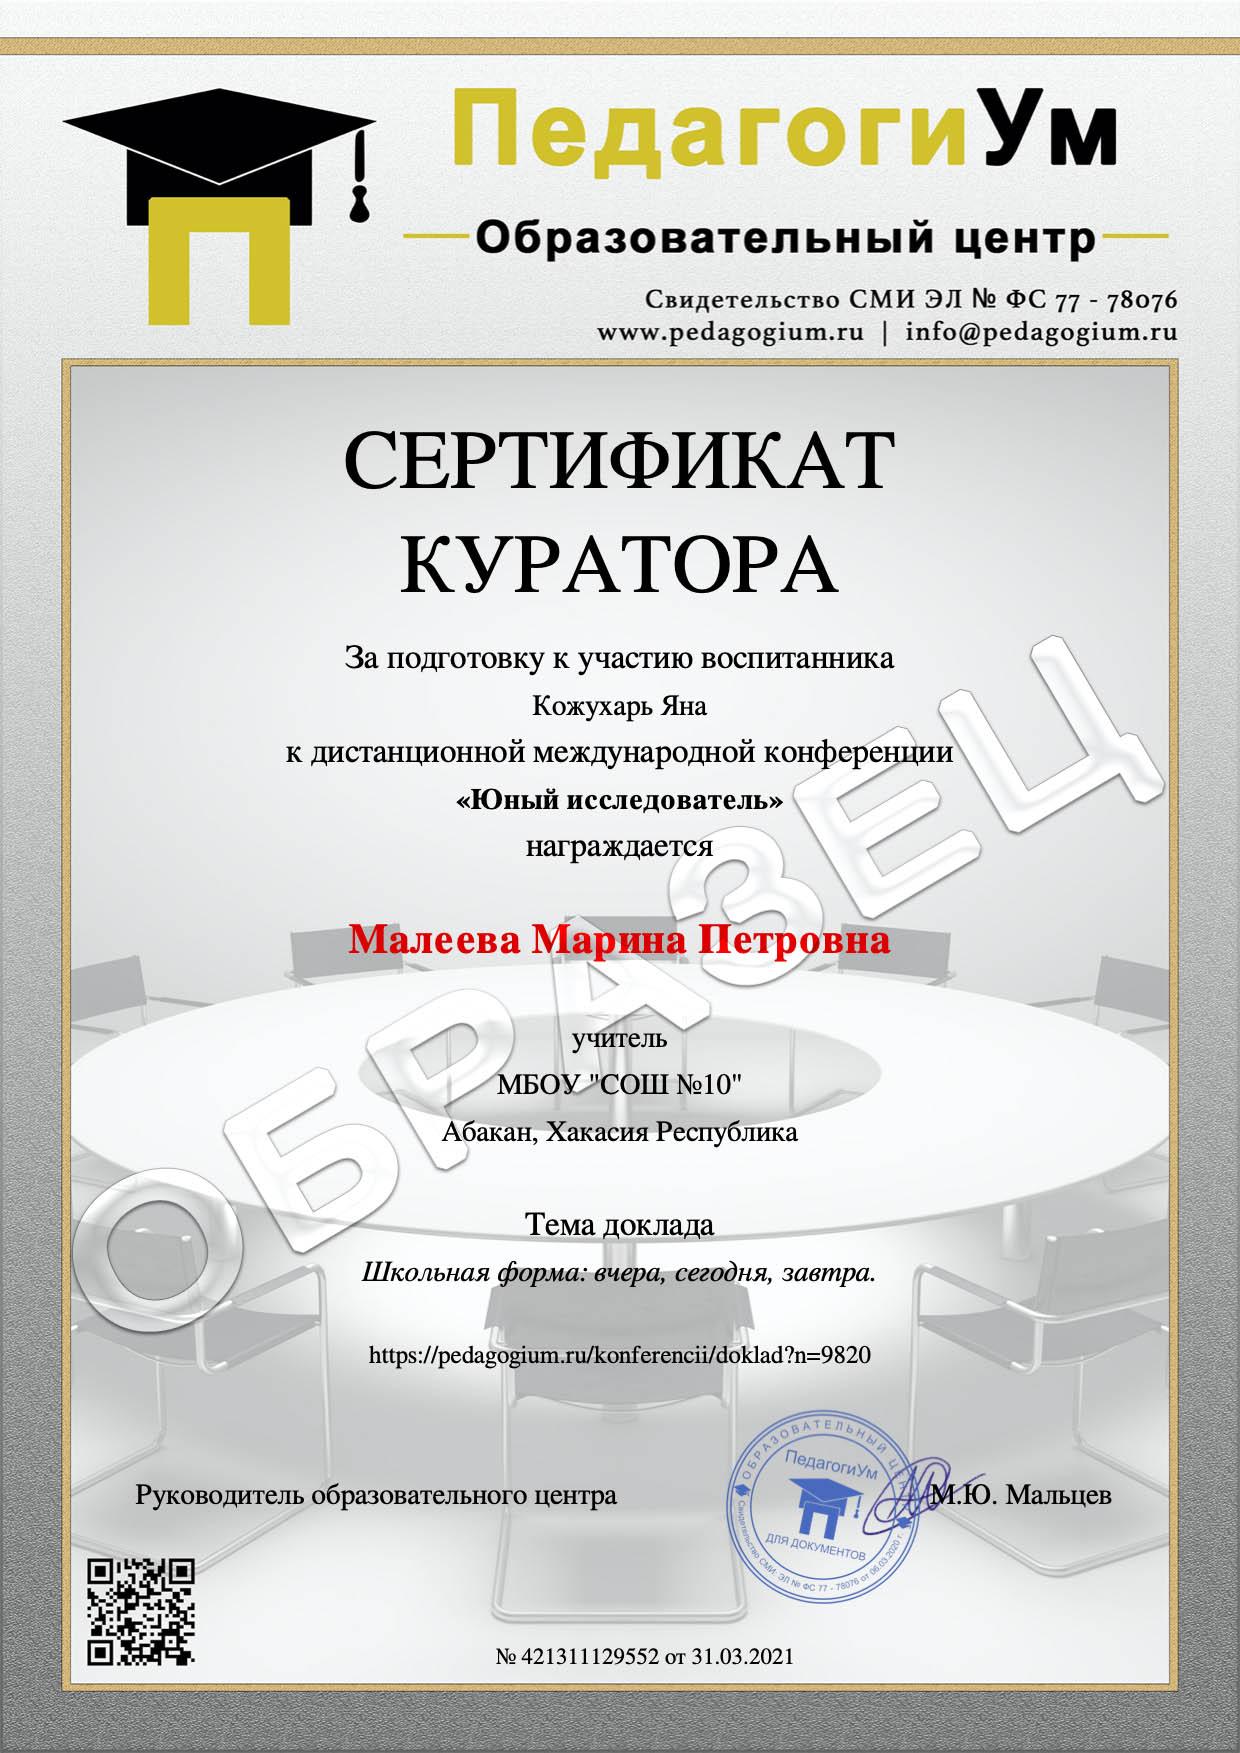 Образец документа куратору за участие в дистанционных конференциях центра ПедагогиУм.